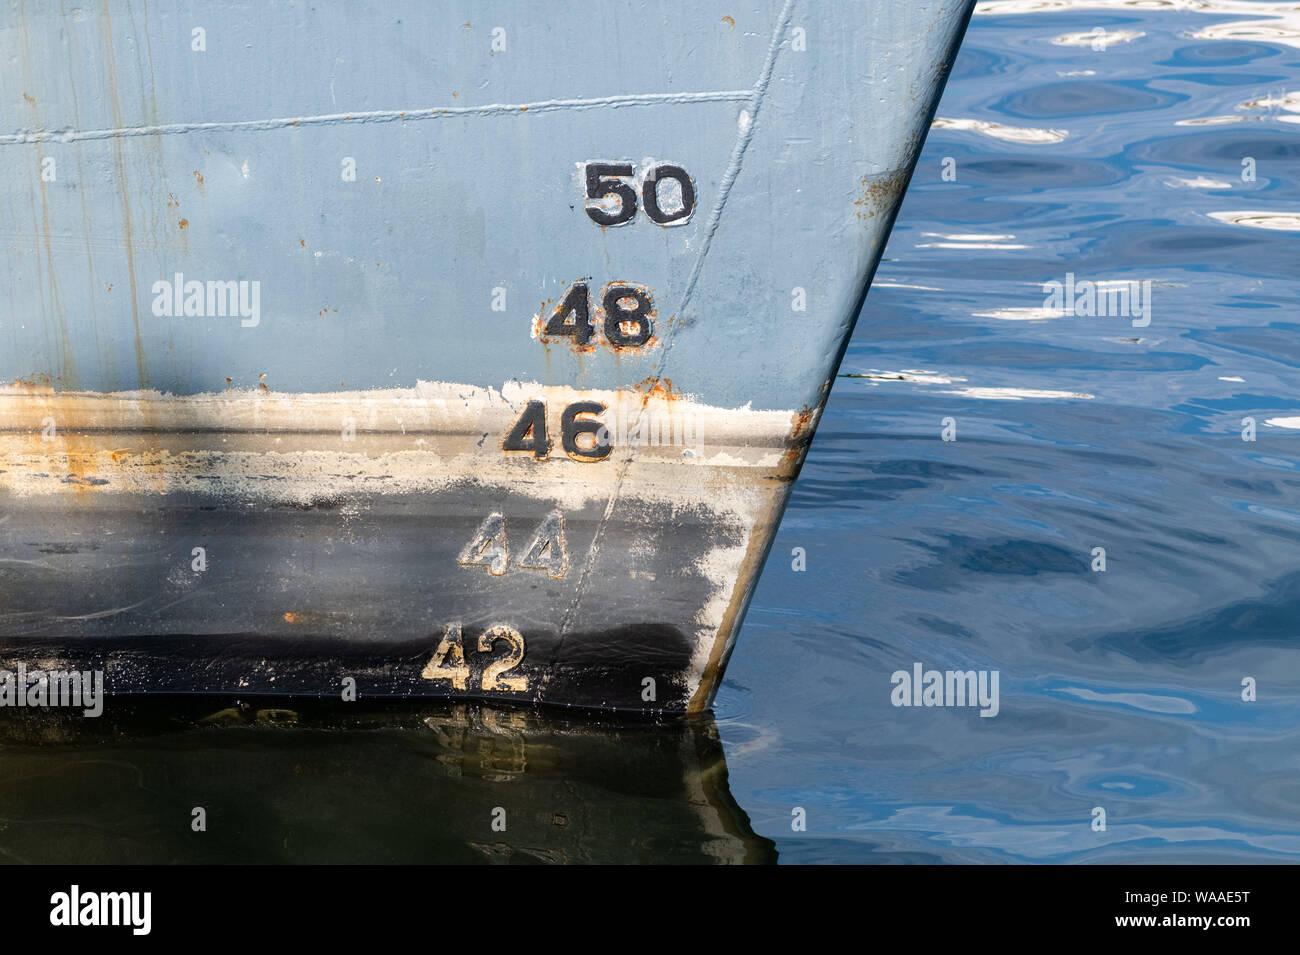 Old Ship progetto sulla carena, scala la numerazione. La distanza tra la linea di galleggiamento e il fondo della chiglia. Foto Stock